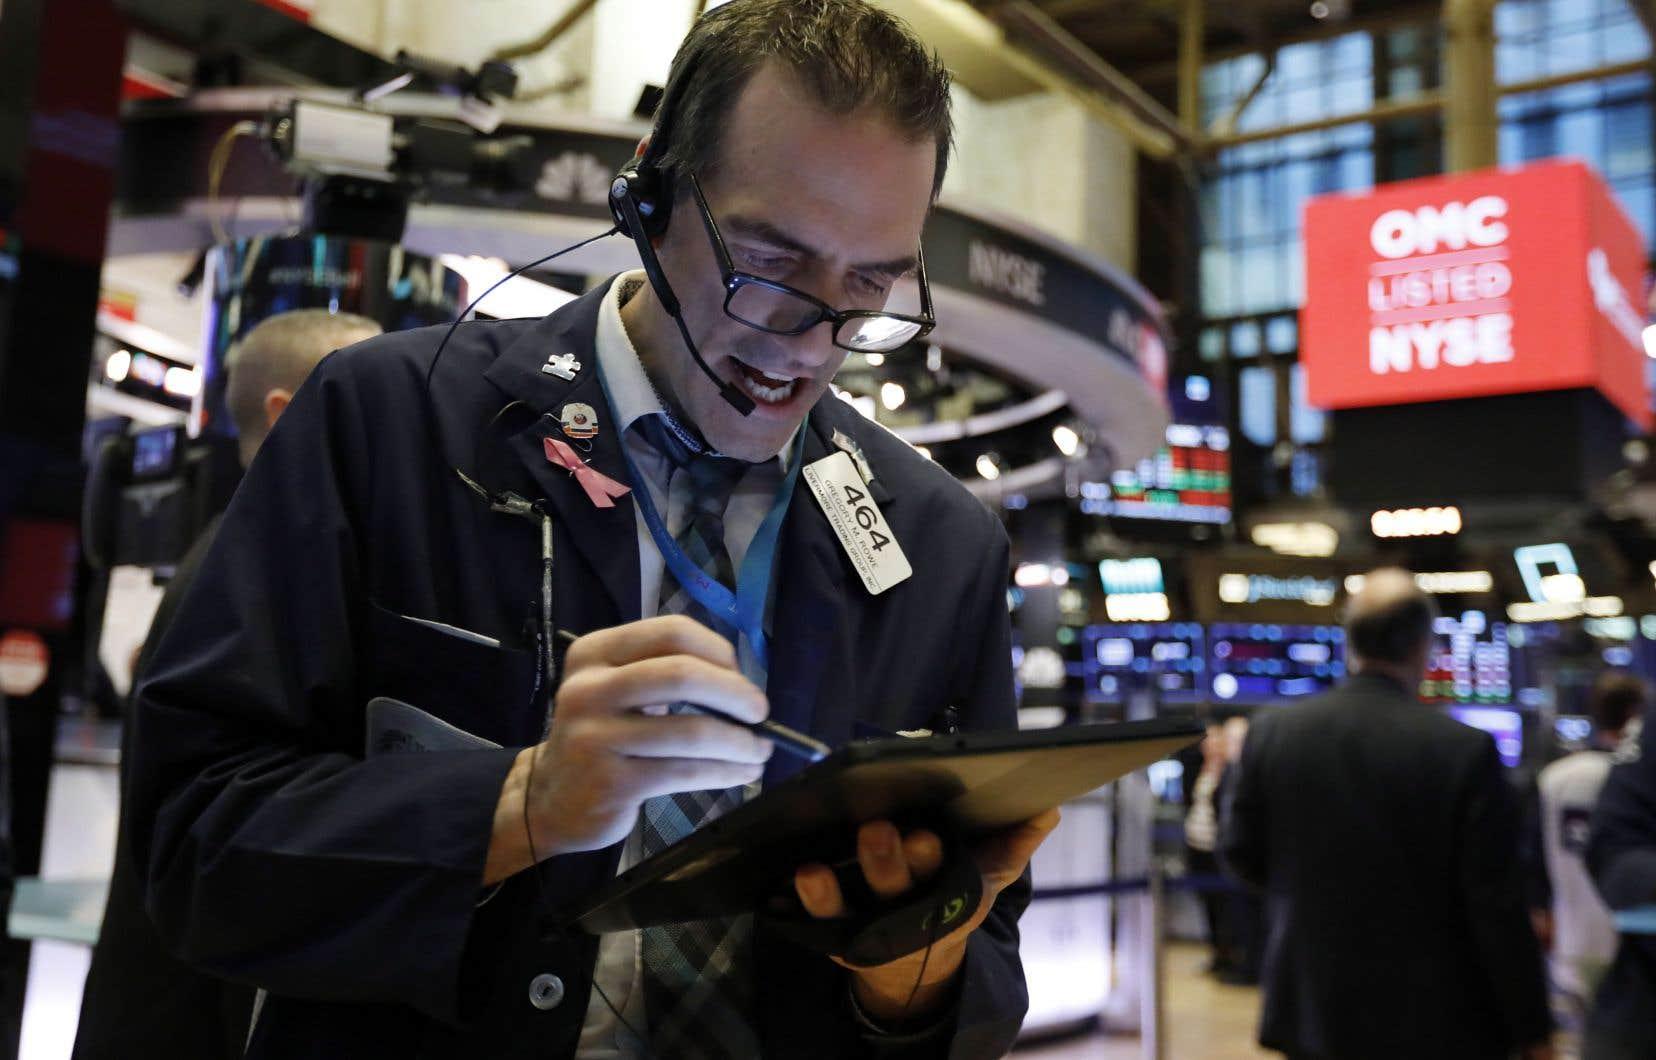 De l'Asie à l'Europe, en passant par Wall Street (photo) et Toronto, les investisseurs craignent les effets négatifs du virus sur une économie mondiale qui battait de l'aile même avant son apparition.